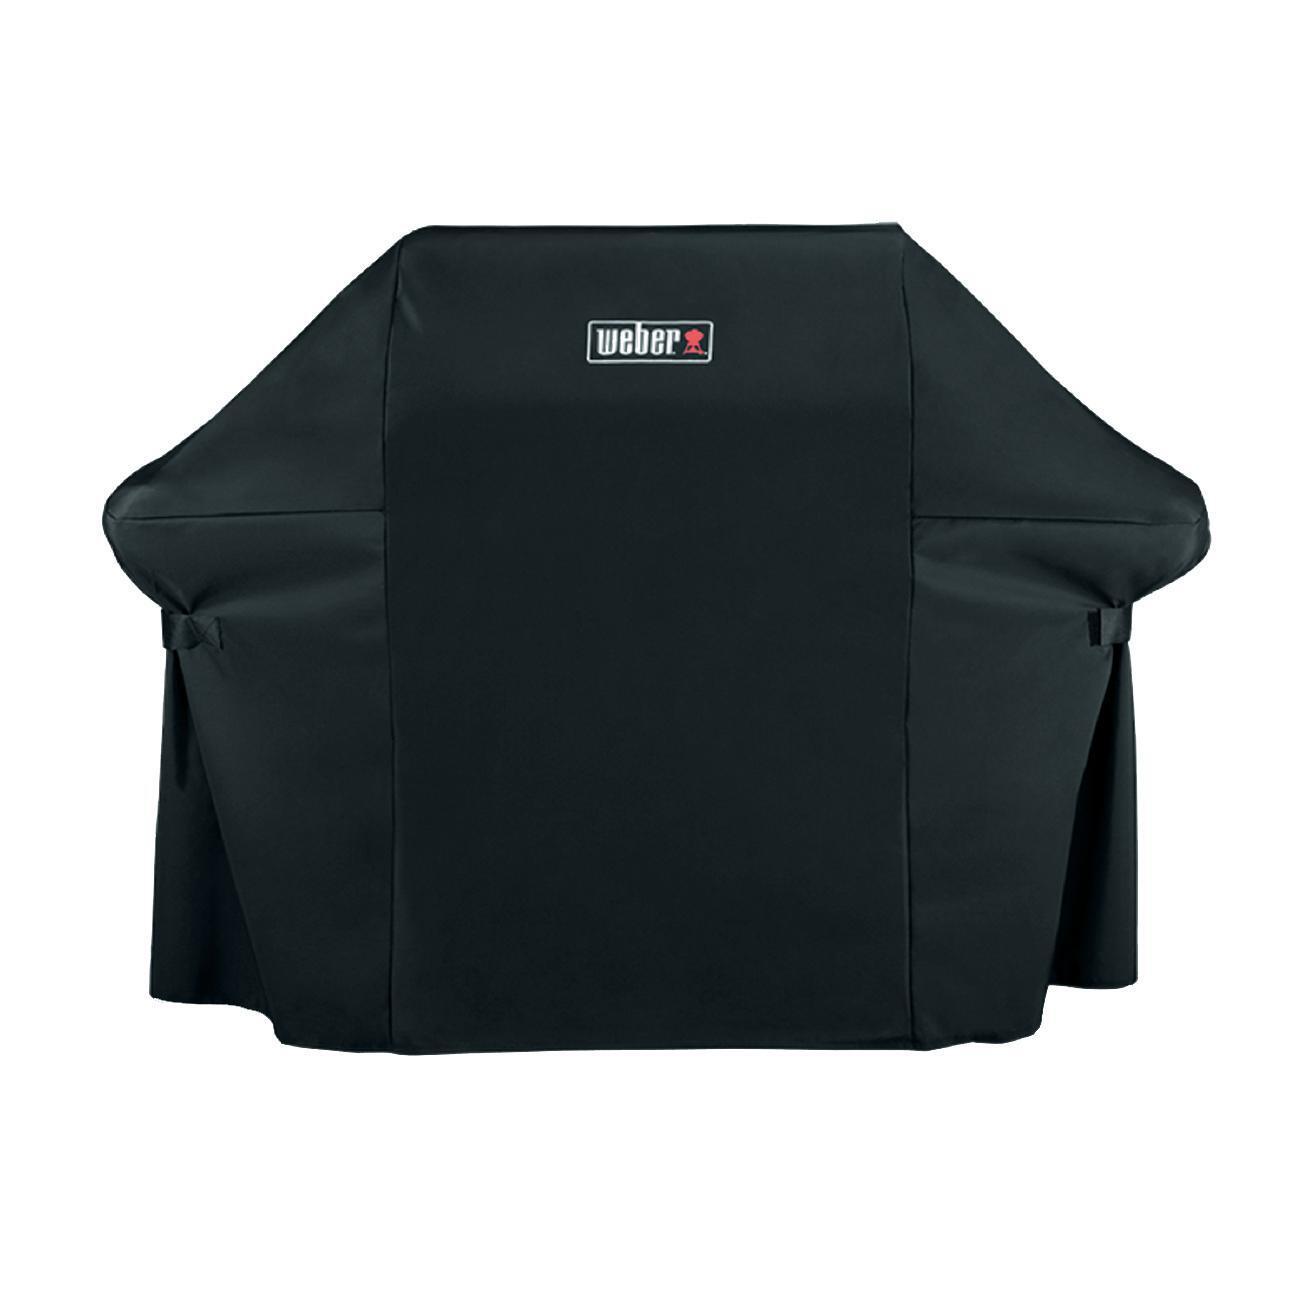 Copertura protettiva per barbecue in pvc L 18.5 x P 0 x H 25.6 cm - 1